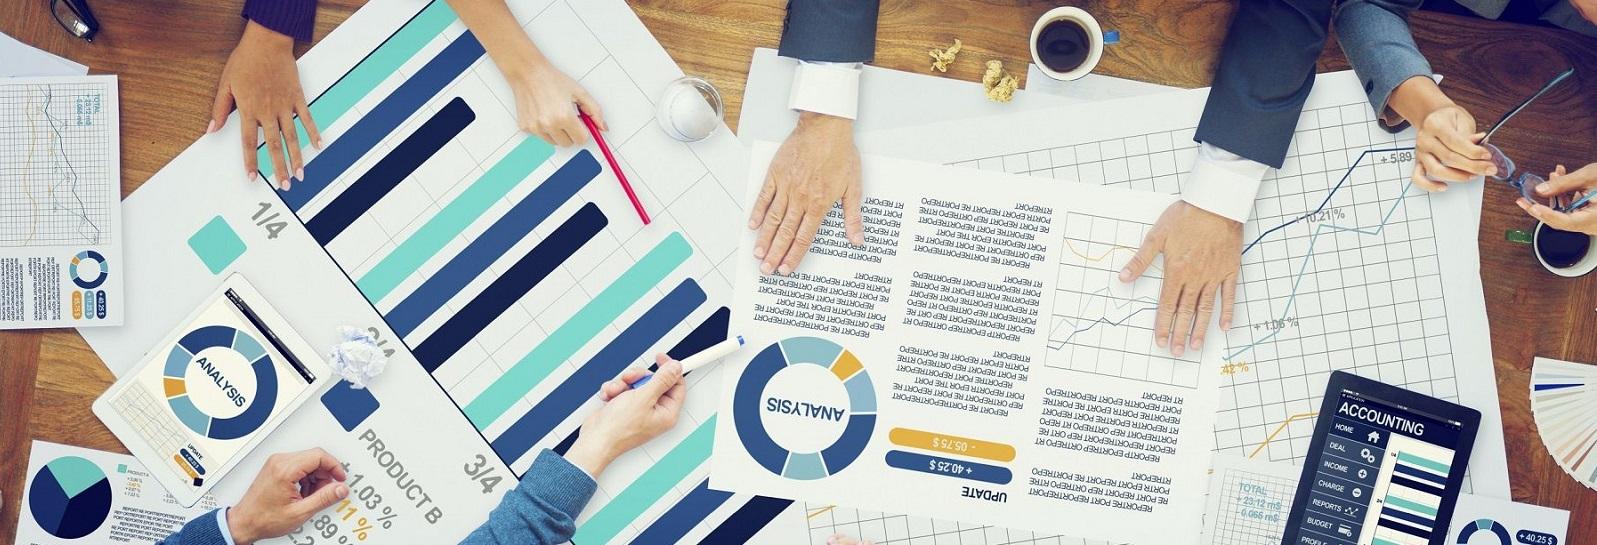 برنامه ریزی برای ab testing در بازاریابی اینترنتی